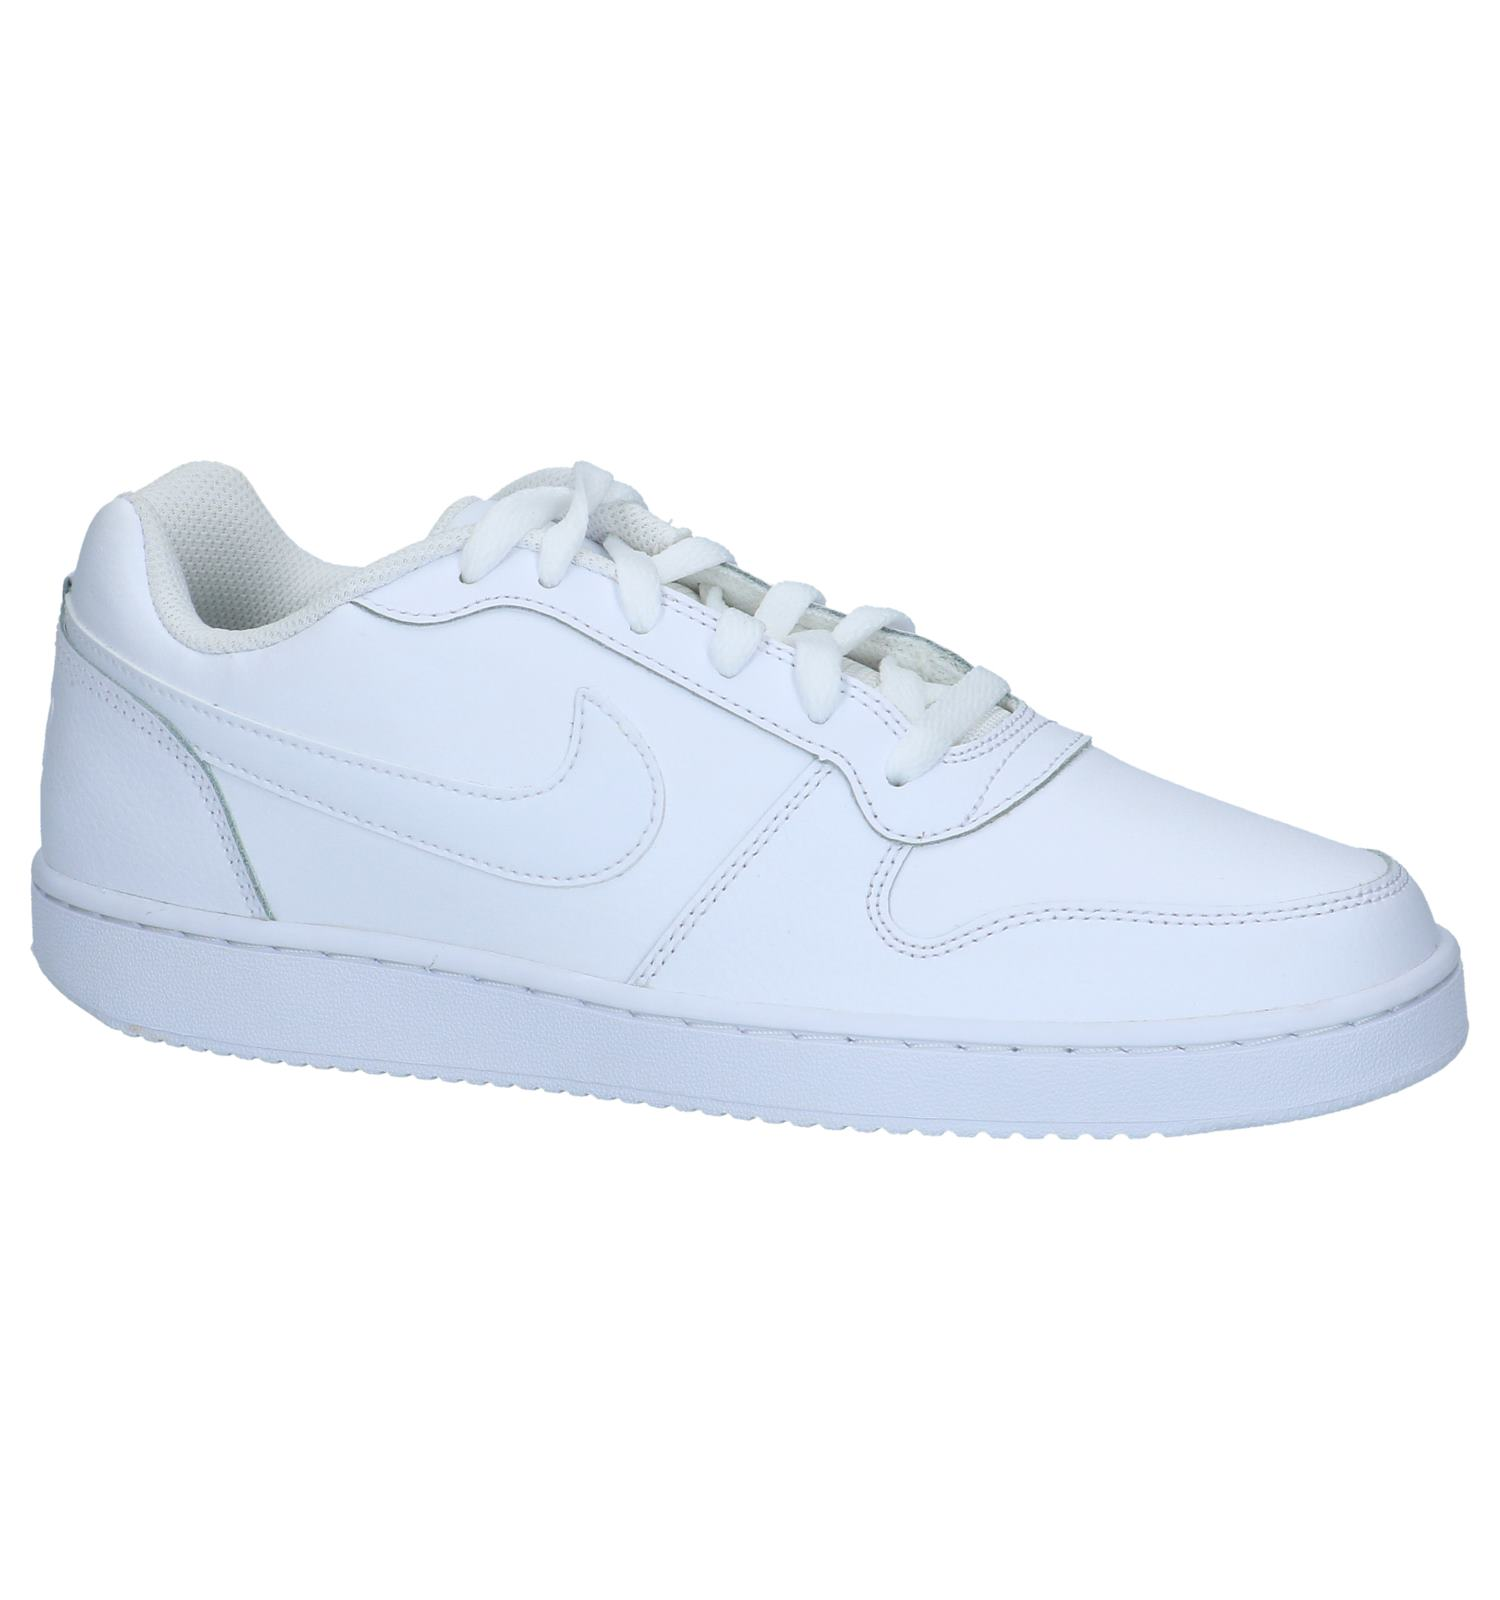 Nieuw Nike Ebernon Witte Sneakers Sportief | TORFS.BE | Gratis verzend ZU-61